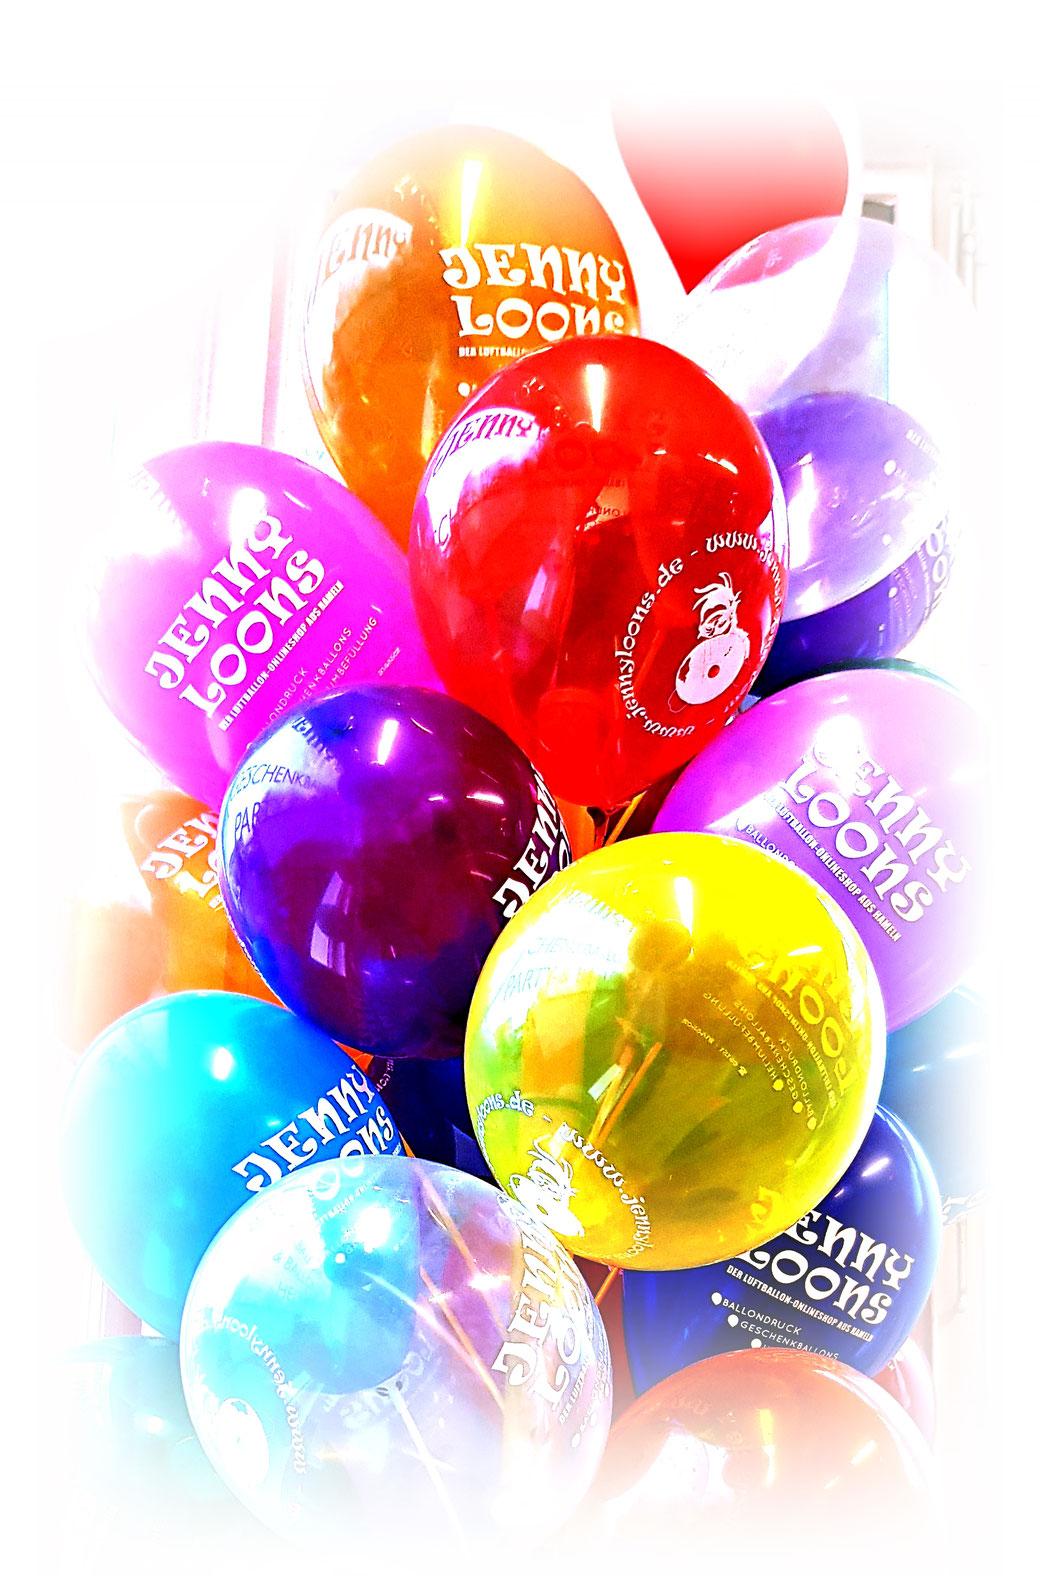 Wir bedrucken Luftballons mit ihrem Logo oder Werbeslogan - Werbeballons